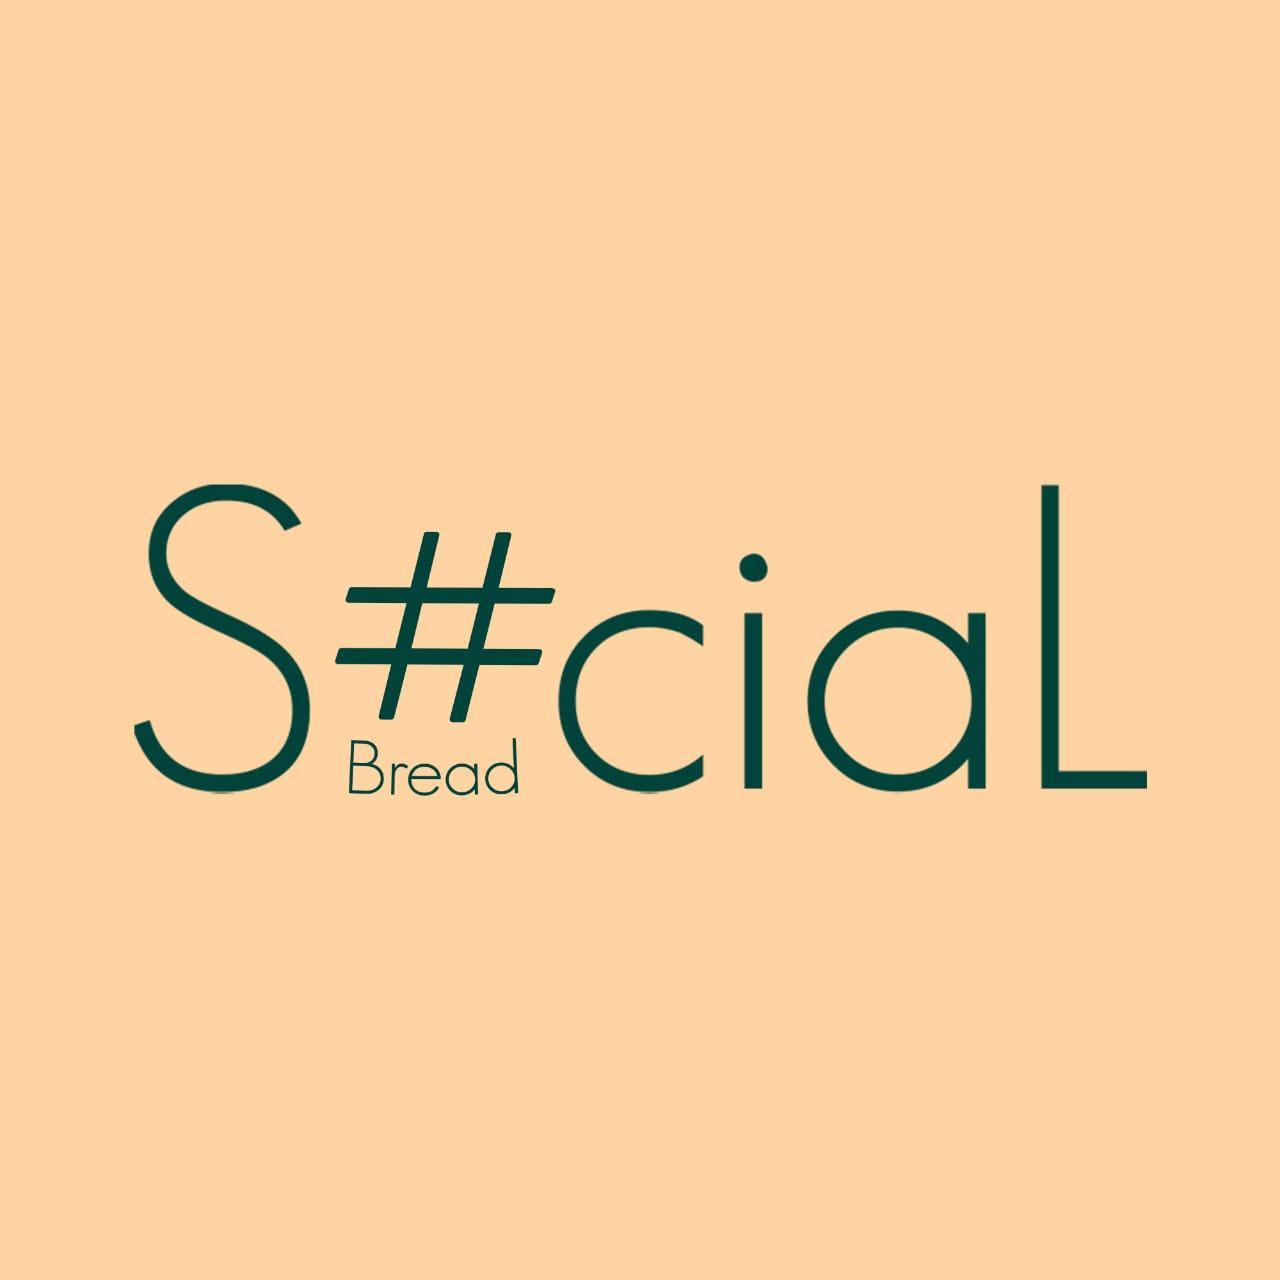 Social Bread